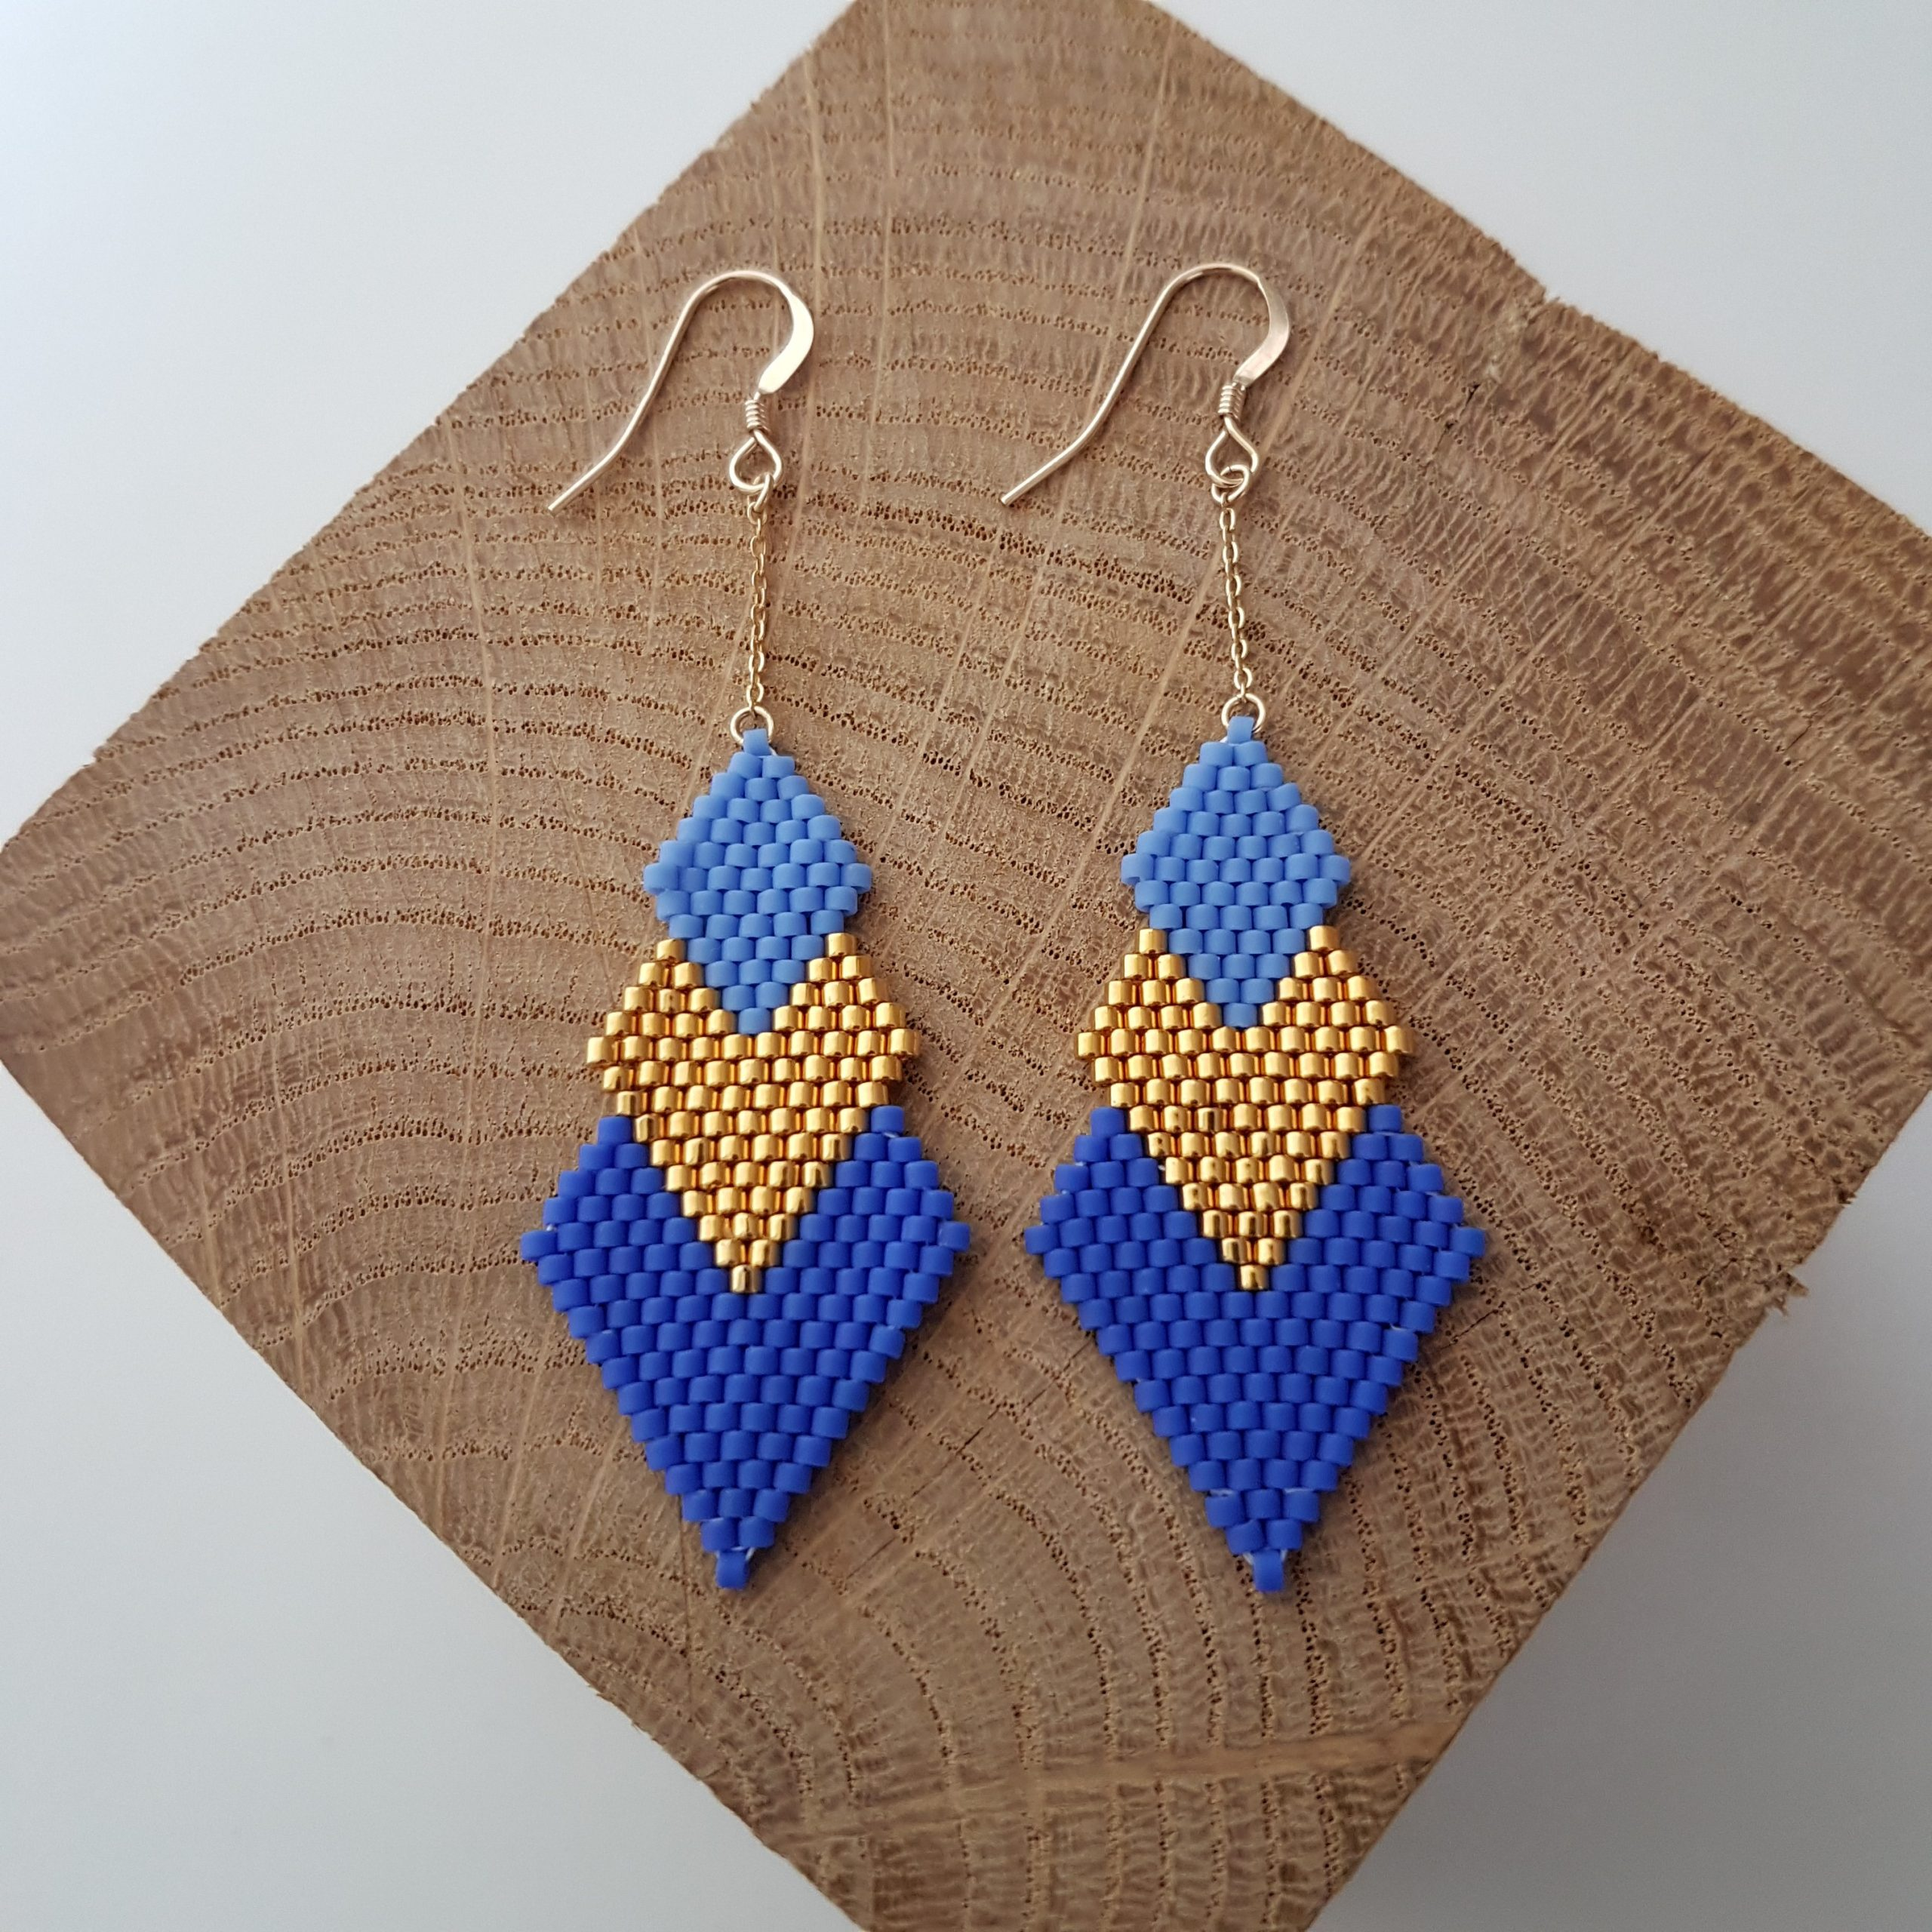 Boucles d'oreilles PENELOPE bicolore [bleu roi et bleu lavande]